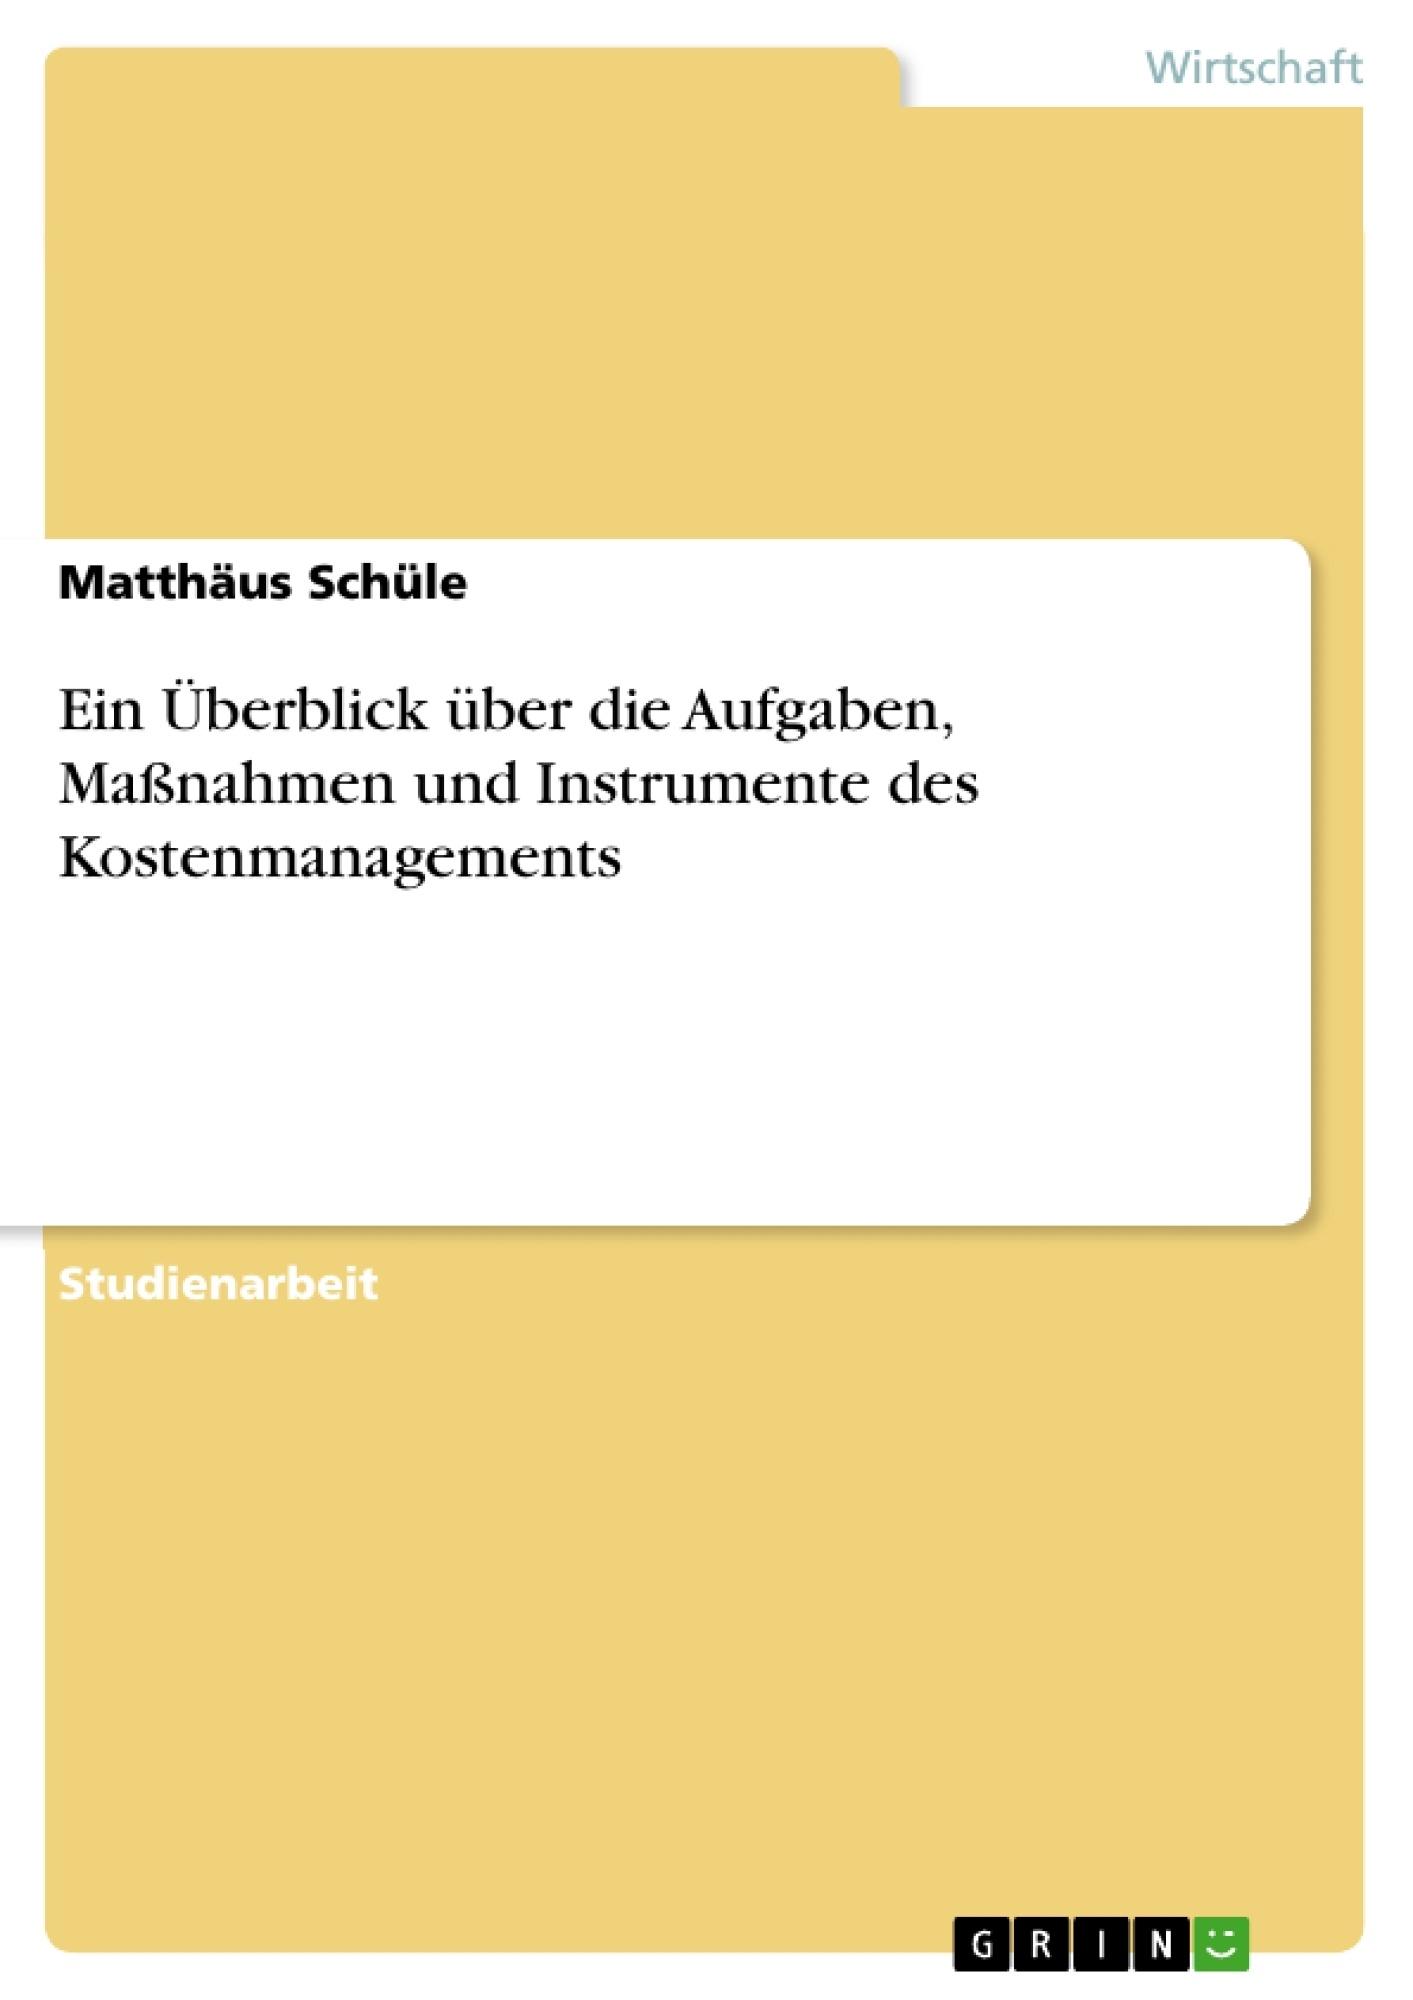 Titel: Ein Überblick über die Aufgaben, Maßnahmen und Instrumente des Kostenmanagements